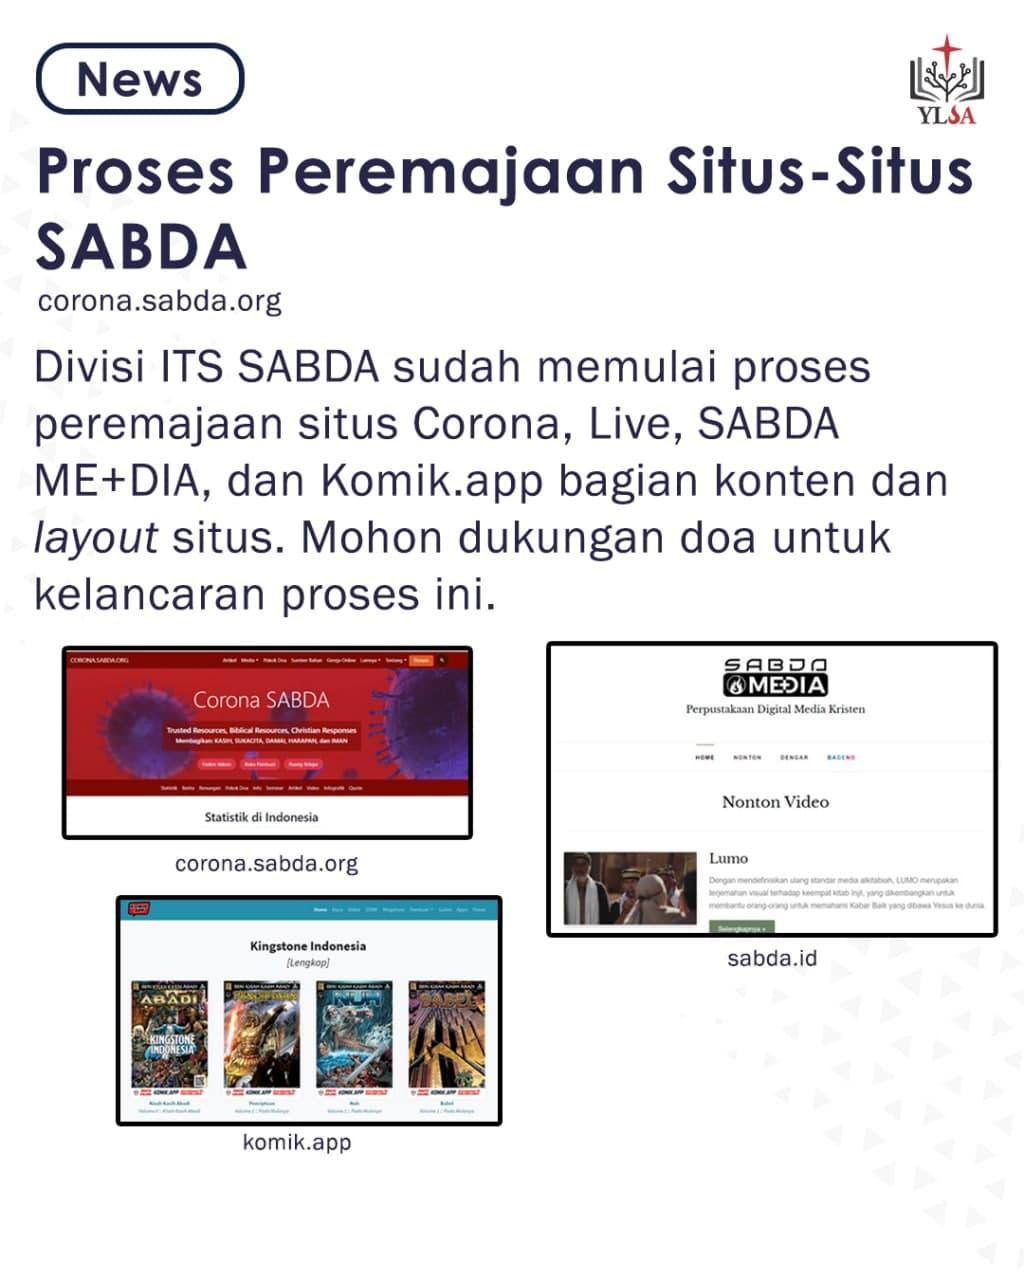 Divisi ITS SABDA sudah memulai proses peremajaan situs Corona, Live, SABDA ME+DIA, dan Komik.app.